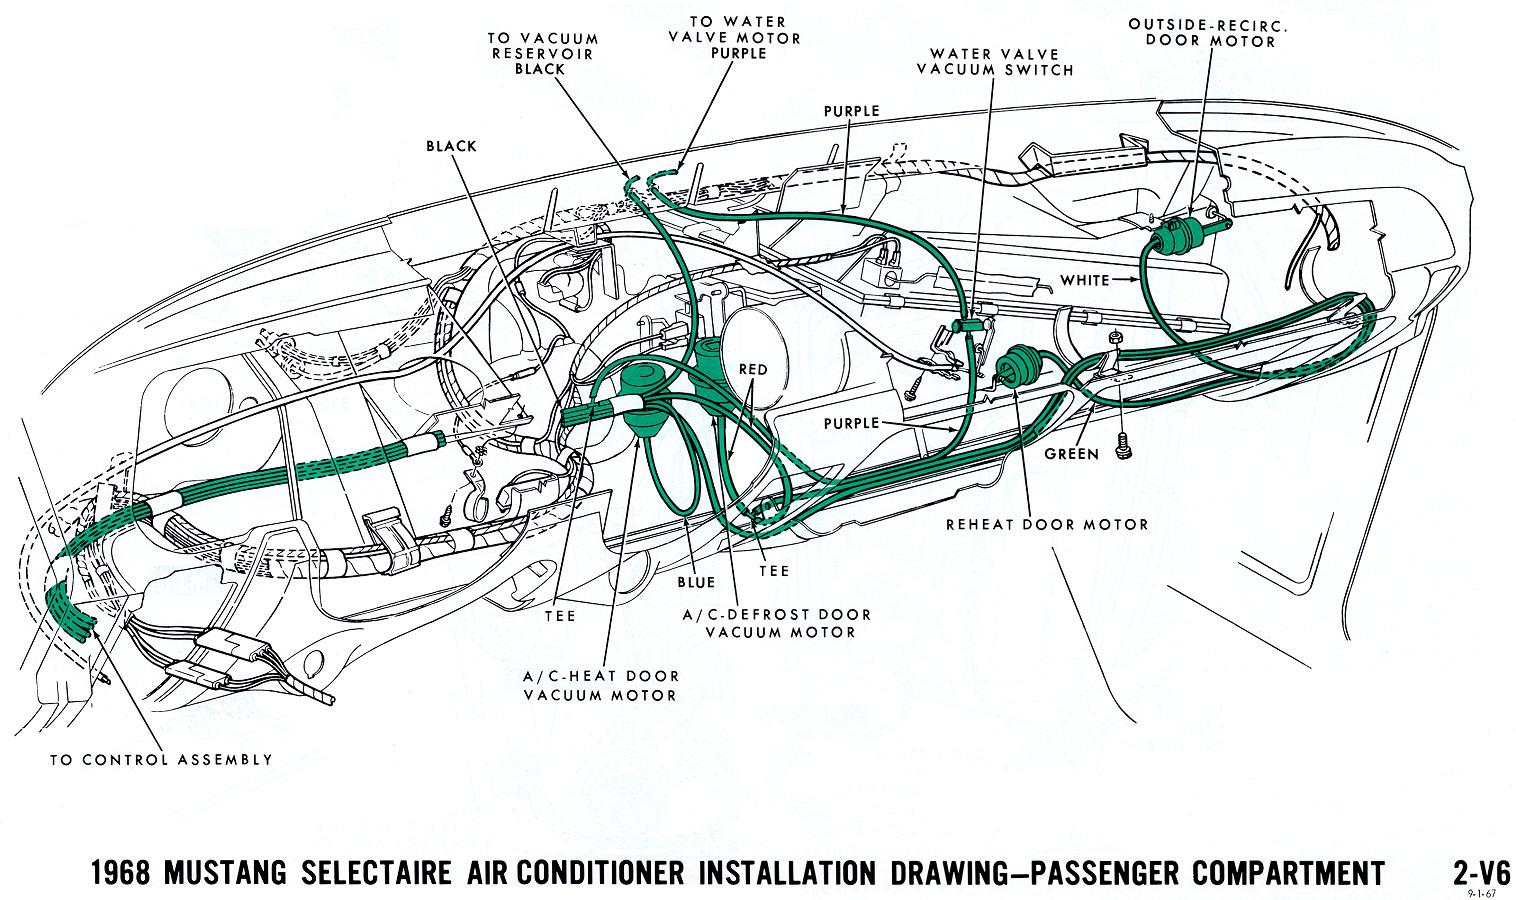 1968 Mustang Vacuum Diagrams   Evolving Software